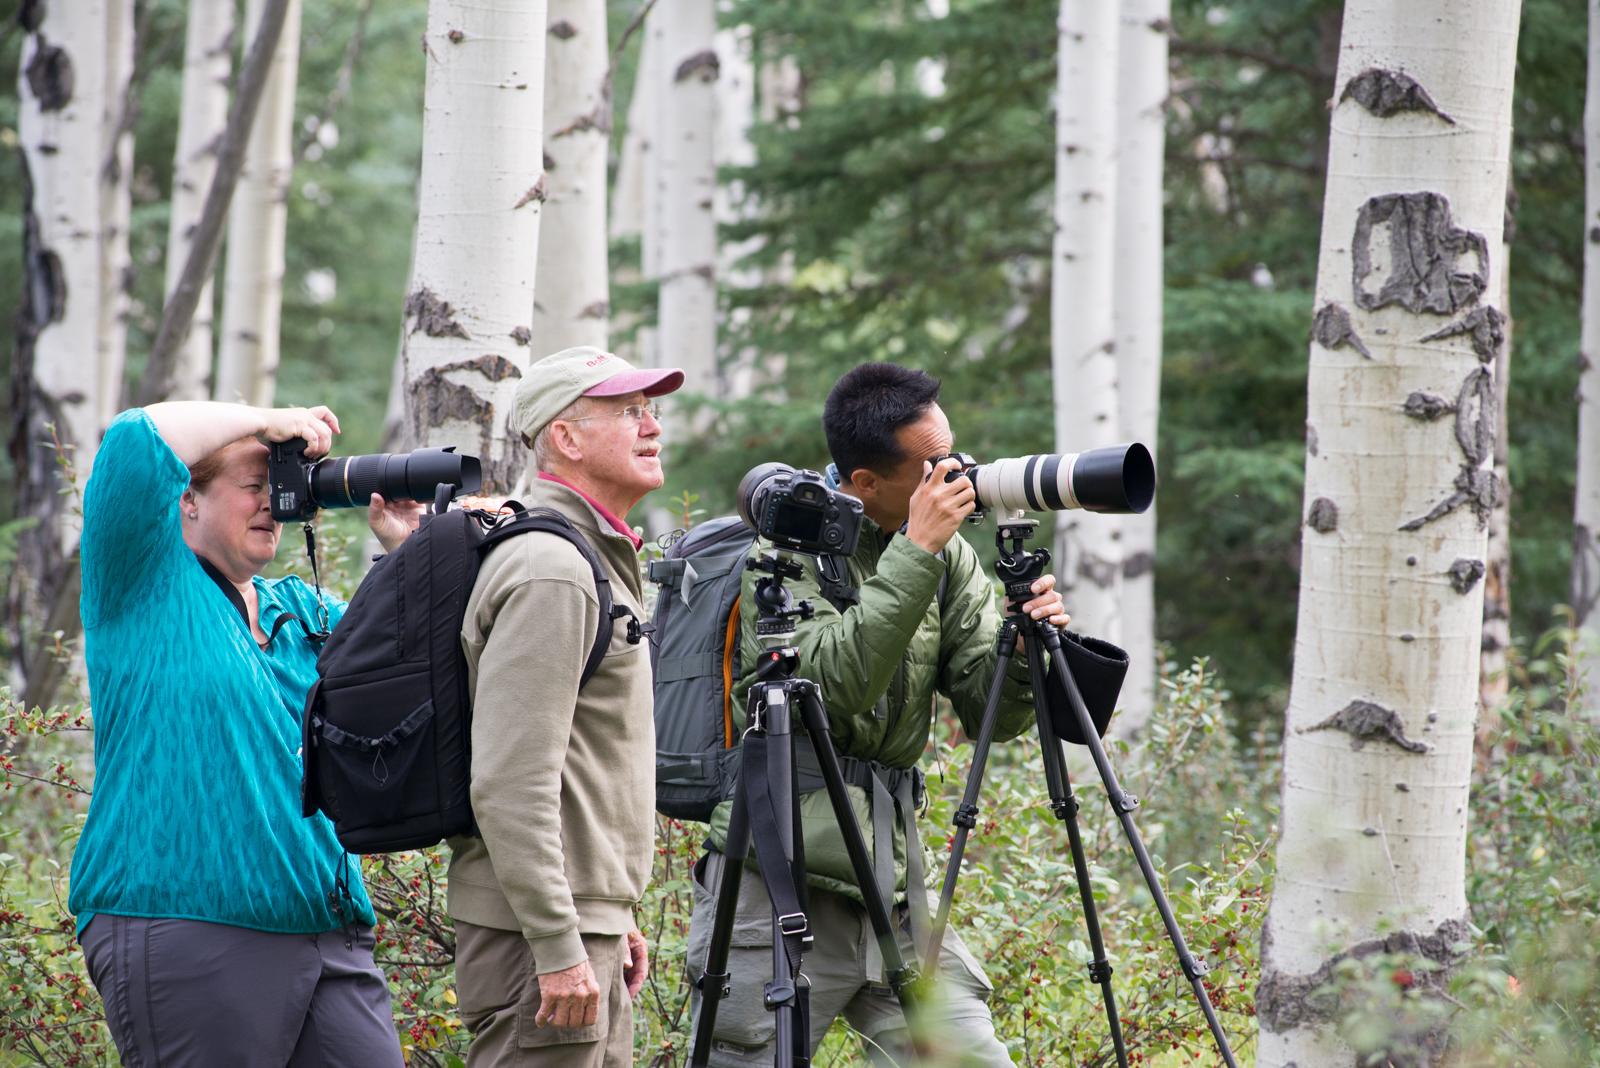 Shooting the Aspen Groves